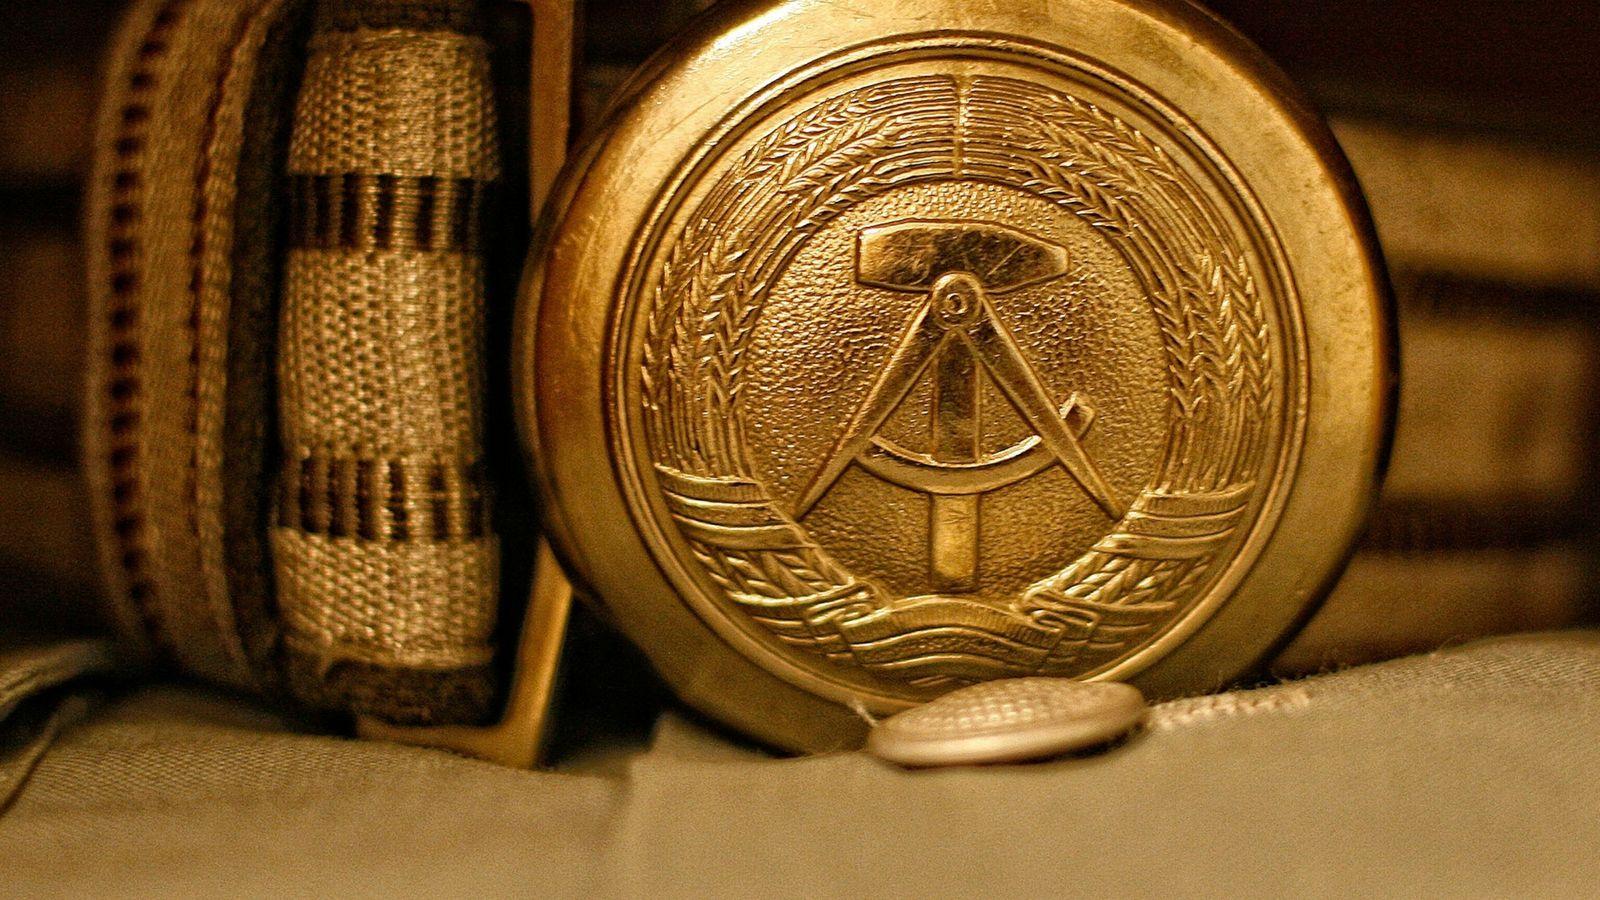 Emblema nacional de la extinta RDA grabado en la hebilla de un cinturón de un uniforme ...